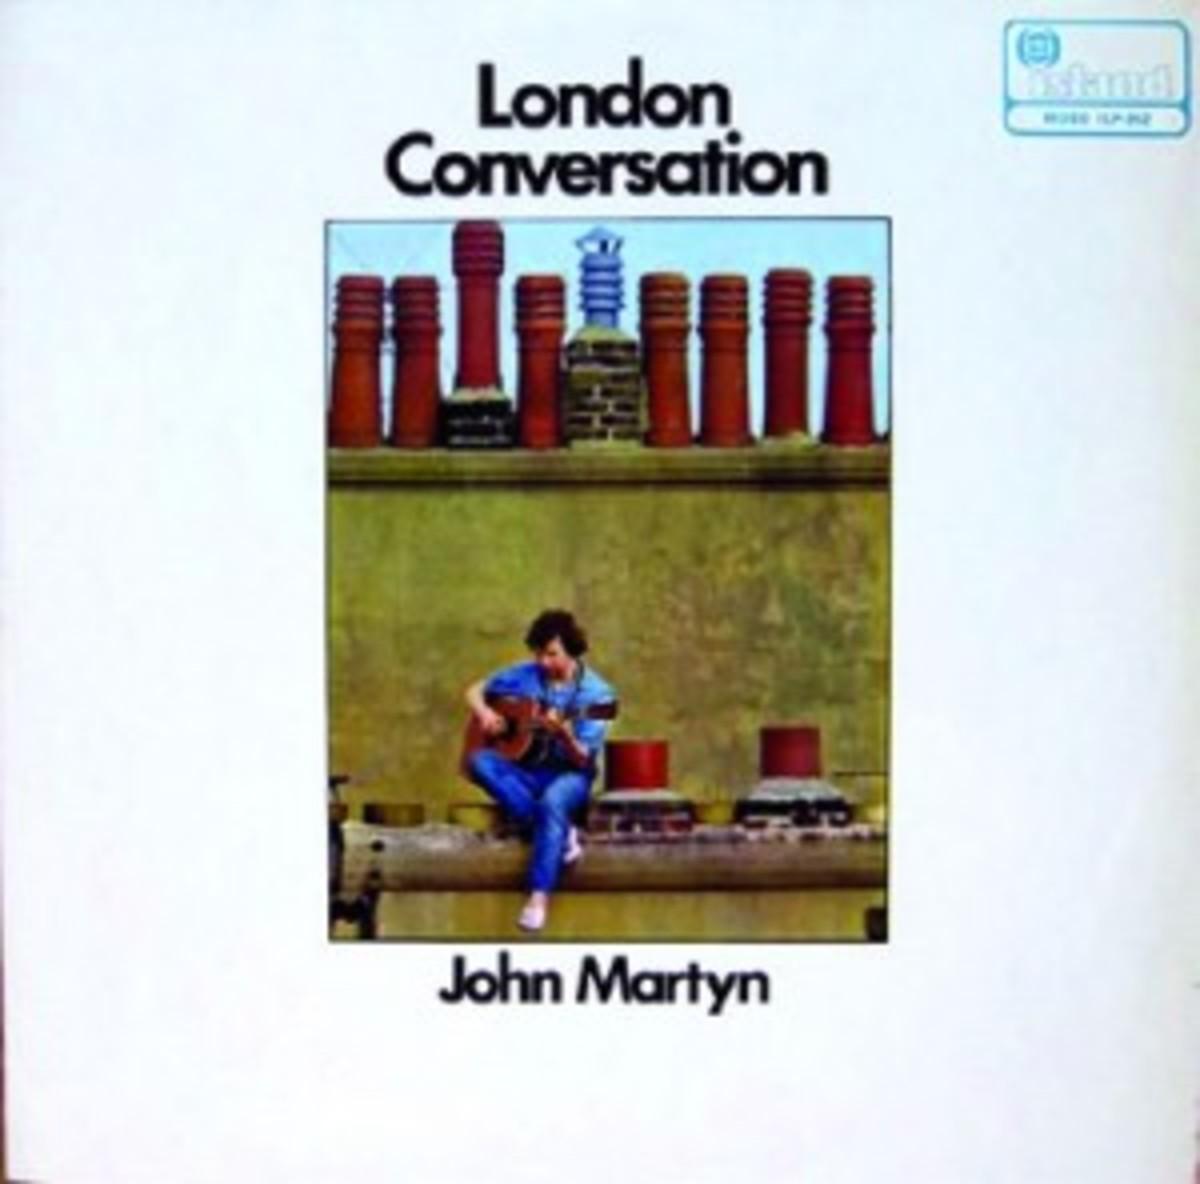 martynlondonconversation